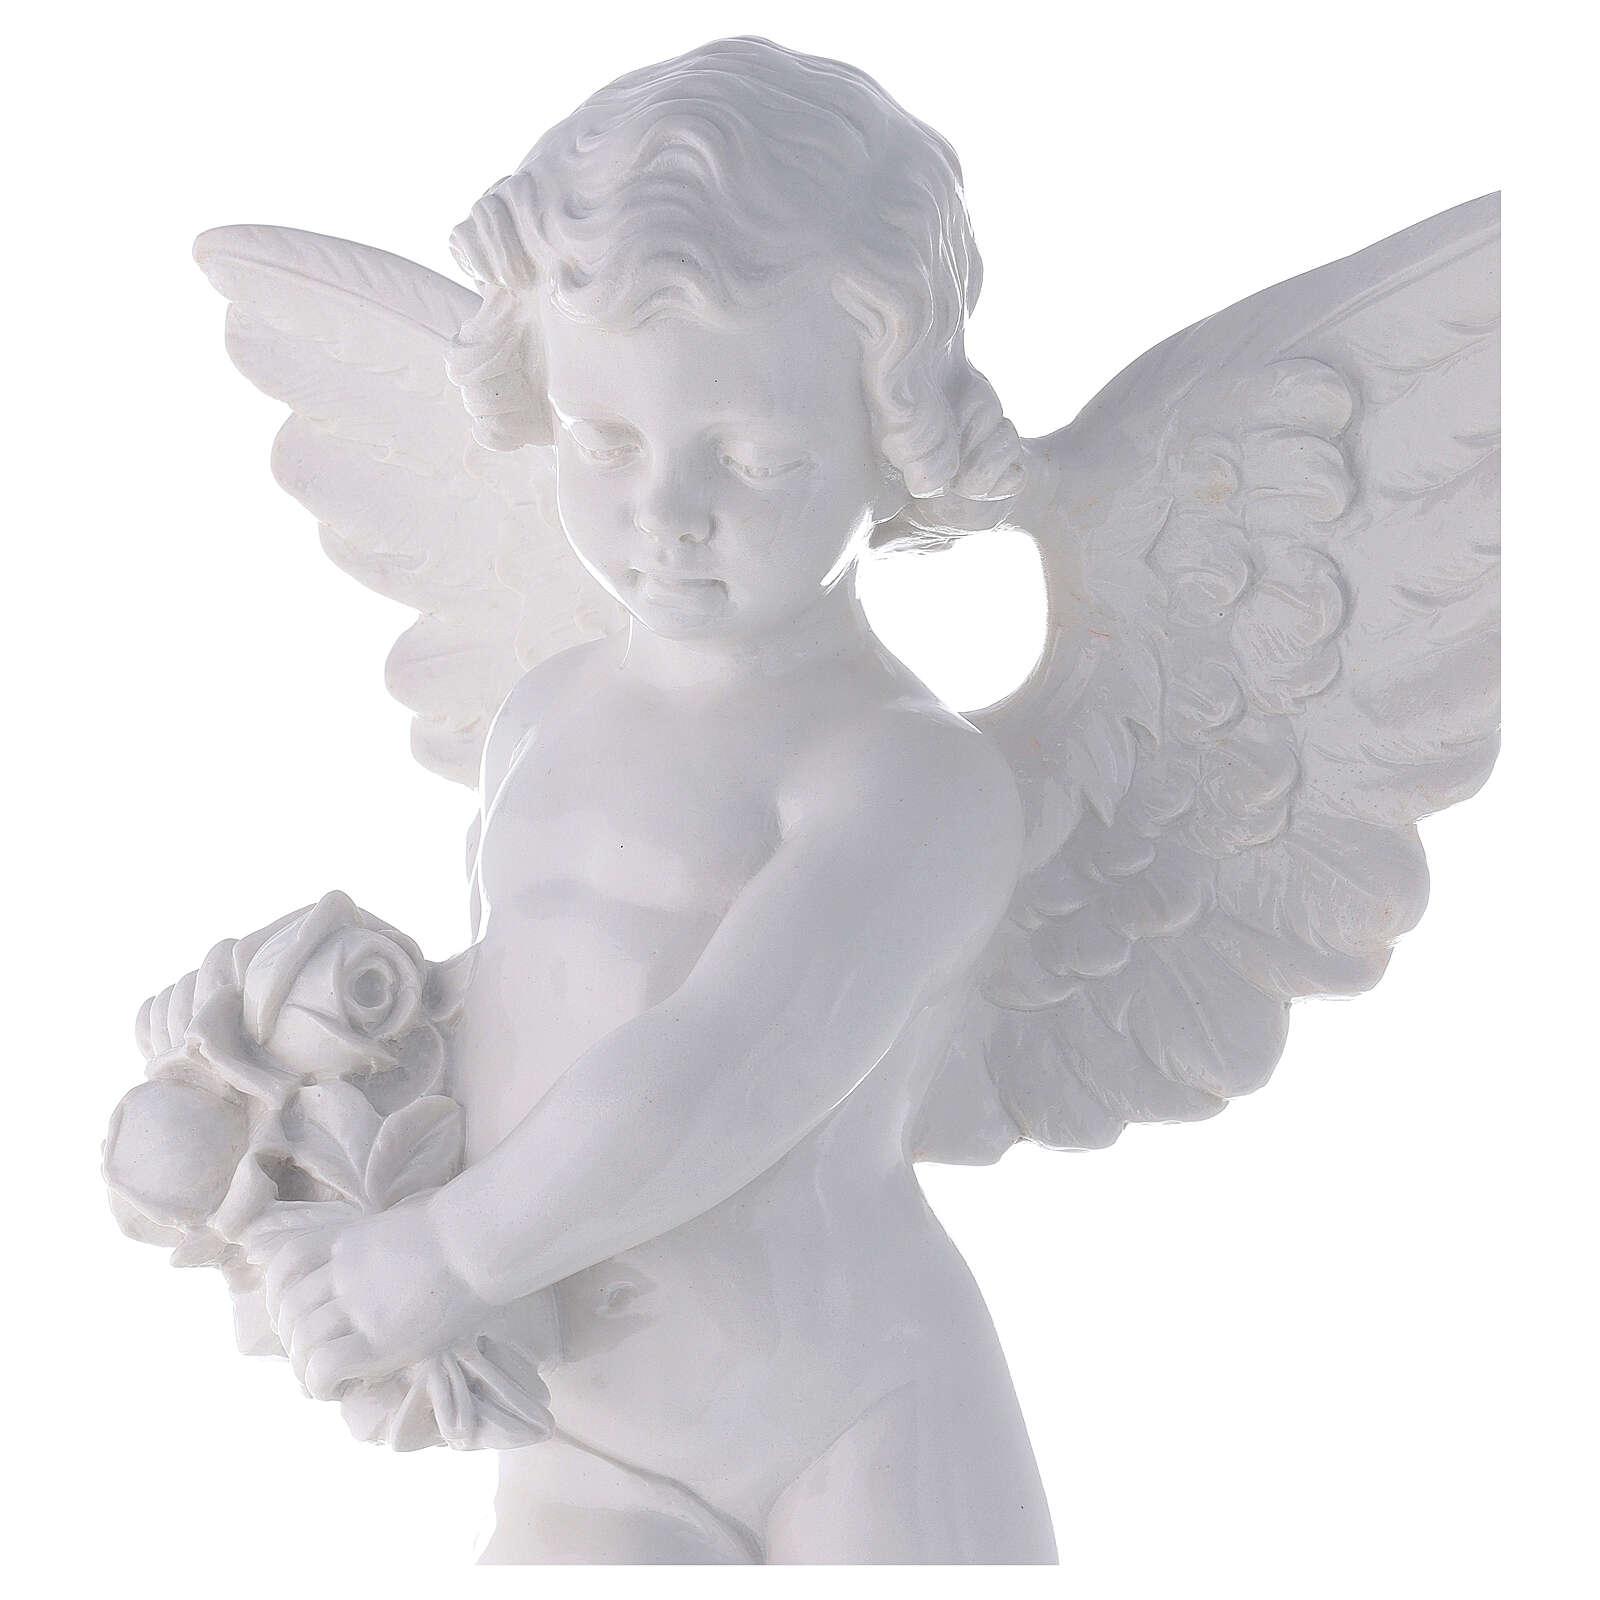 Angioletto con rosa 60 cm polvere marmo bianco lucido PER ESTERNO 4